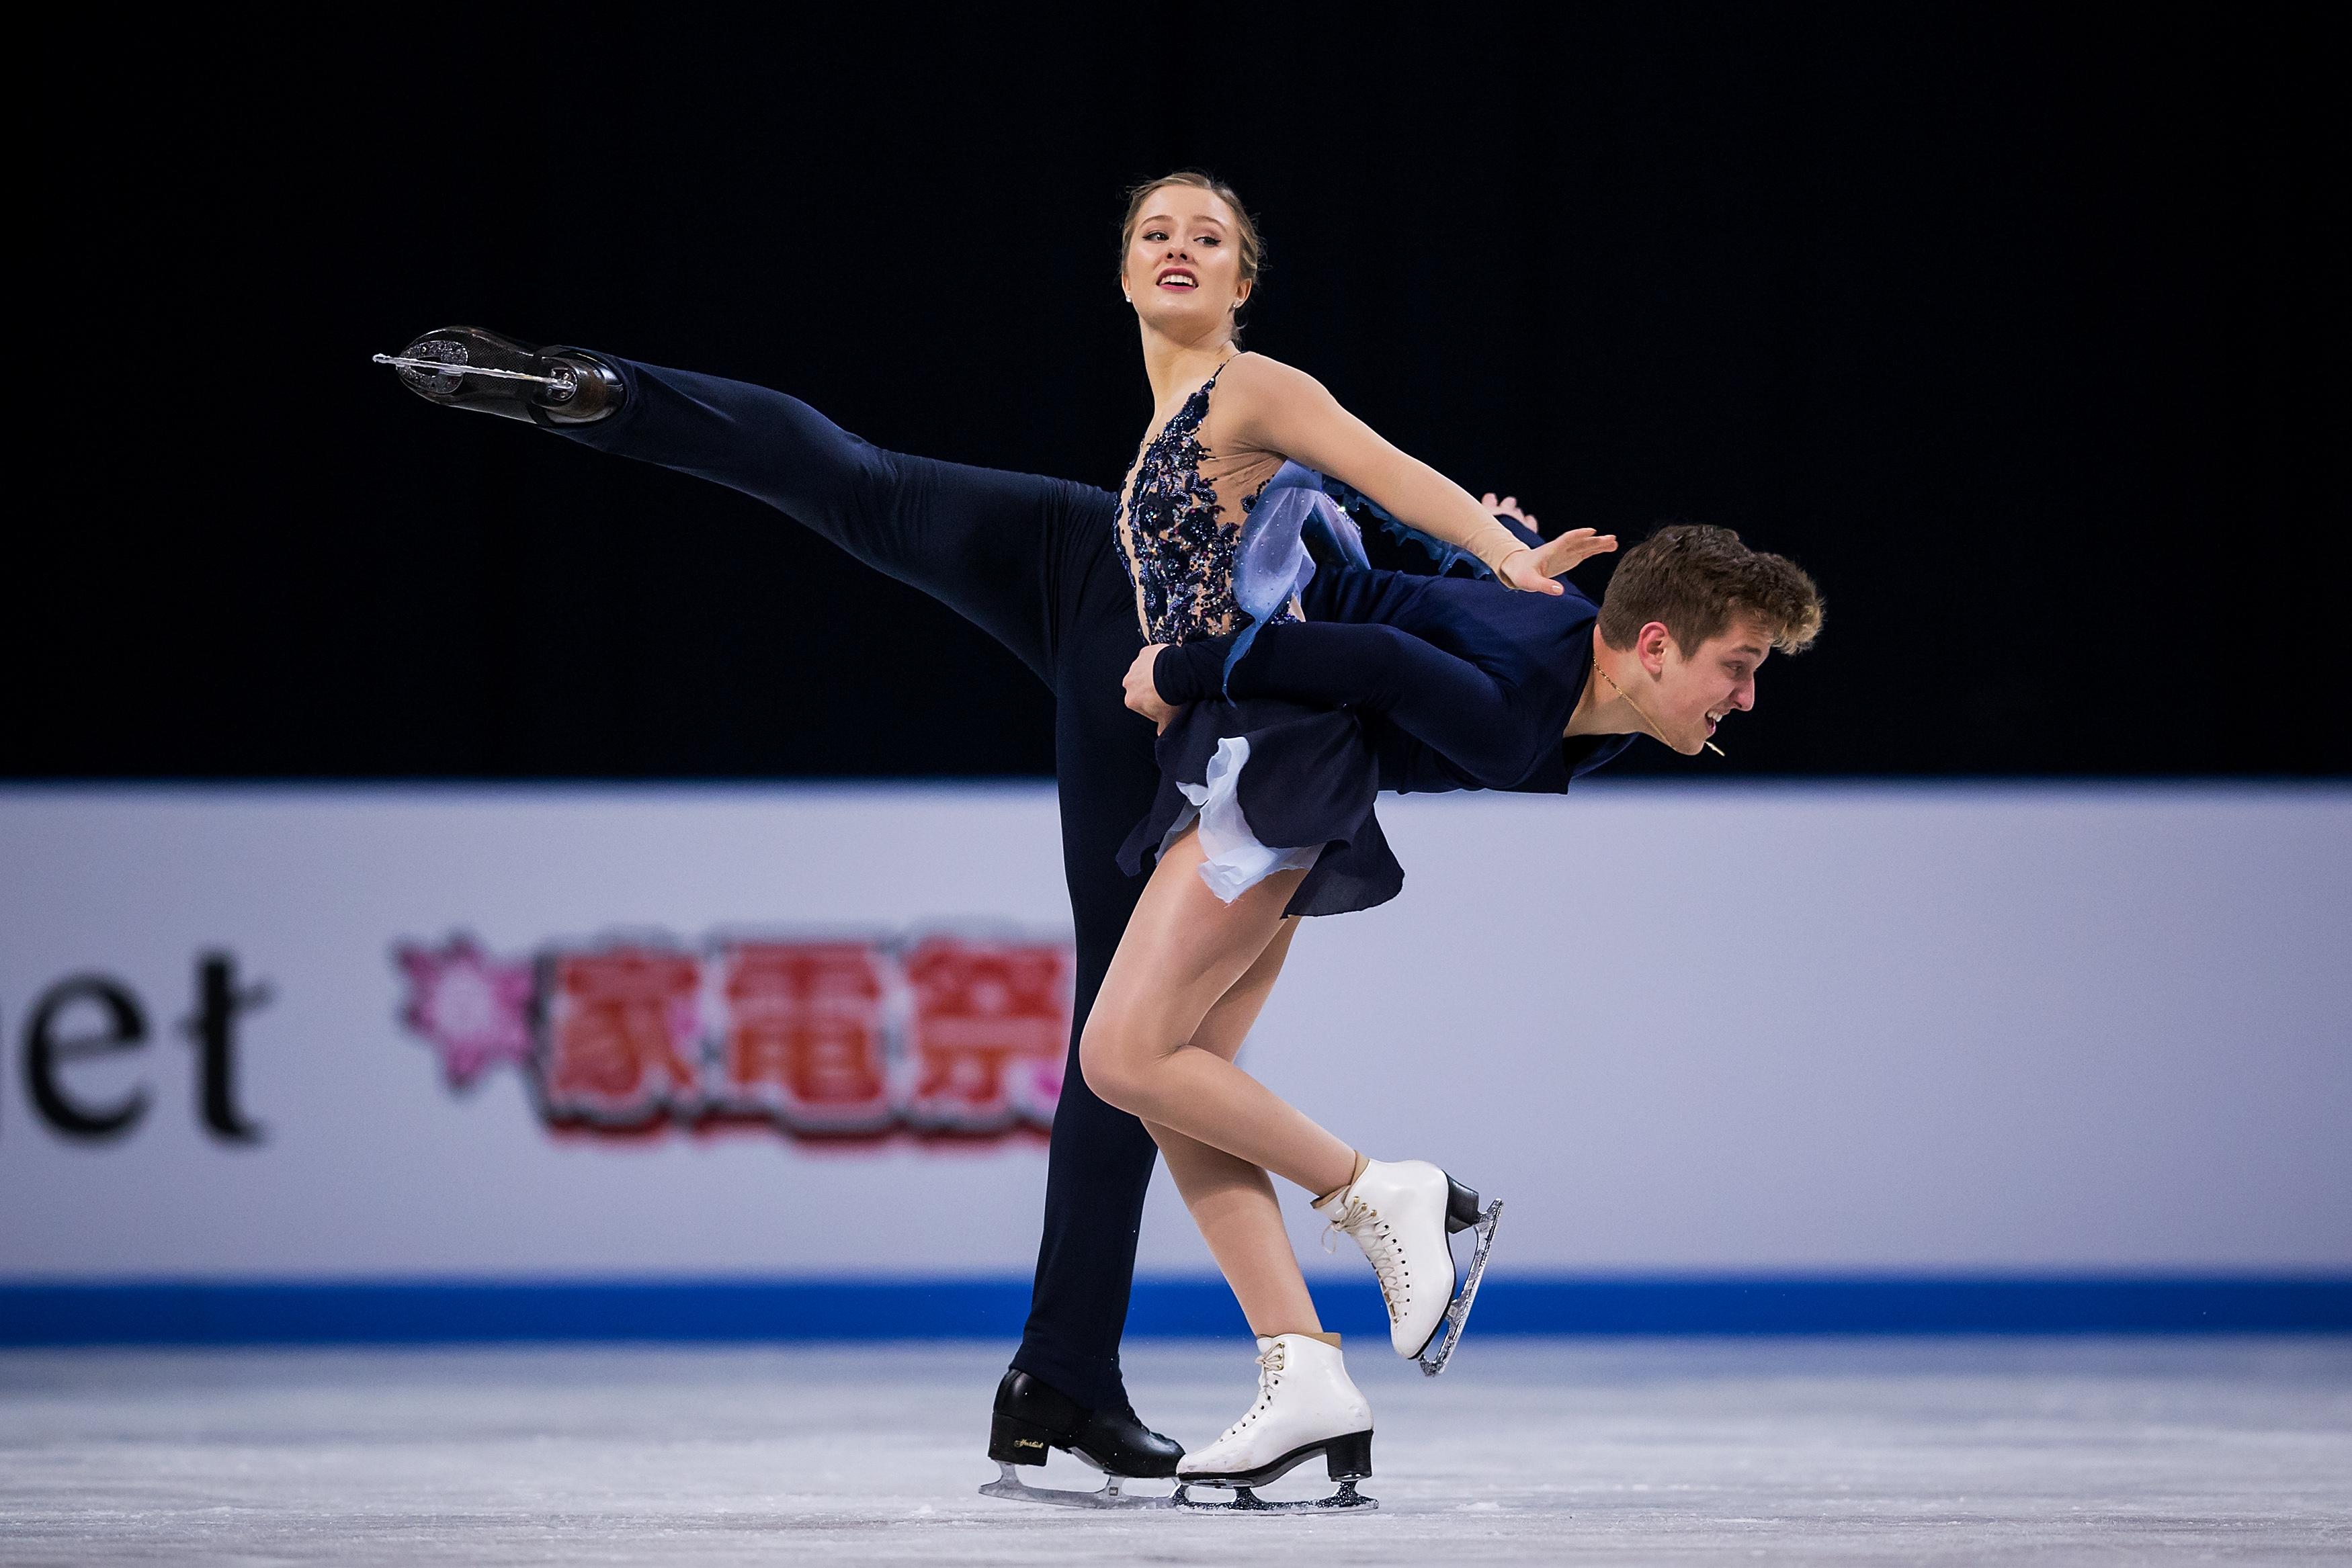 World Junior Figure Skating Championships - Sofia